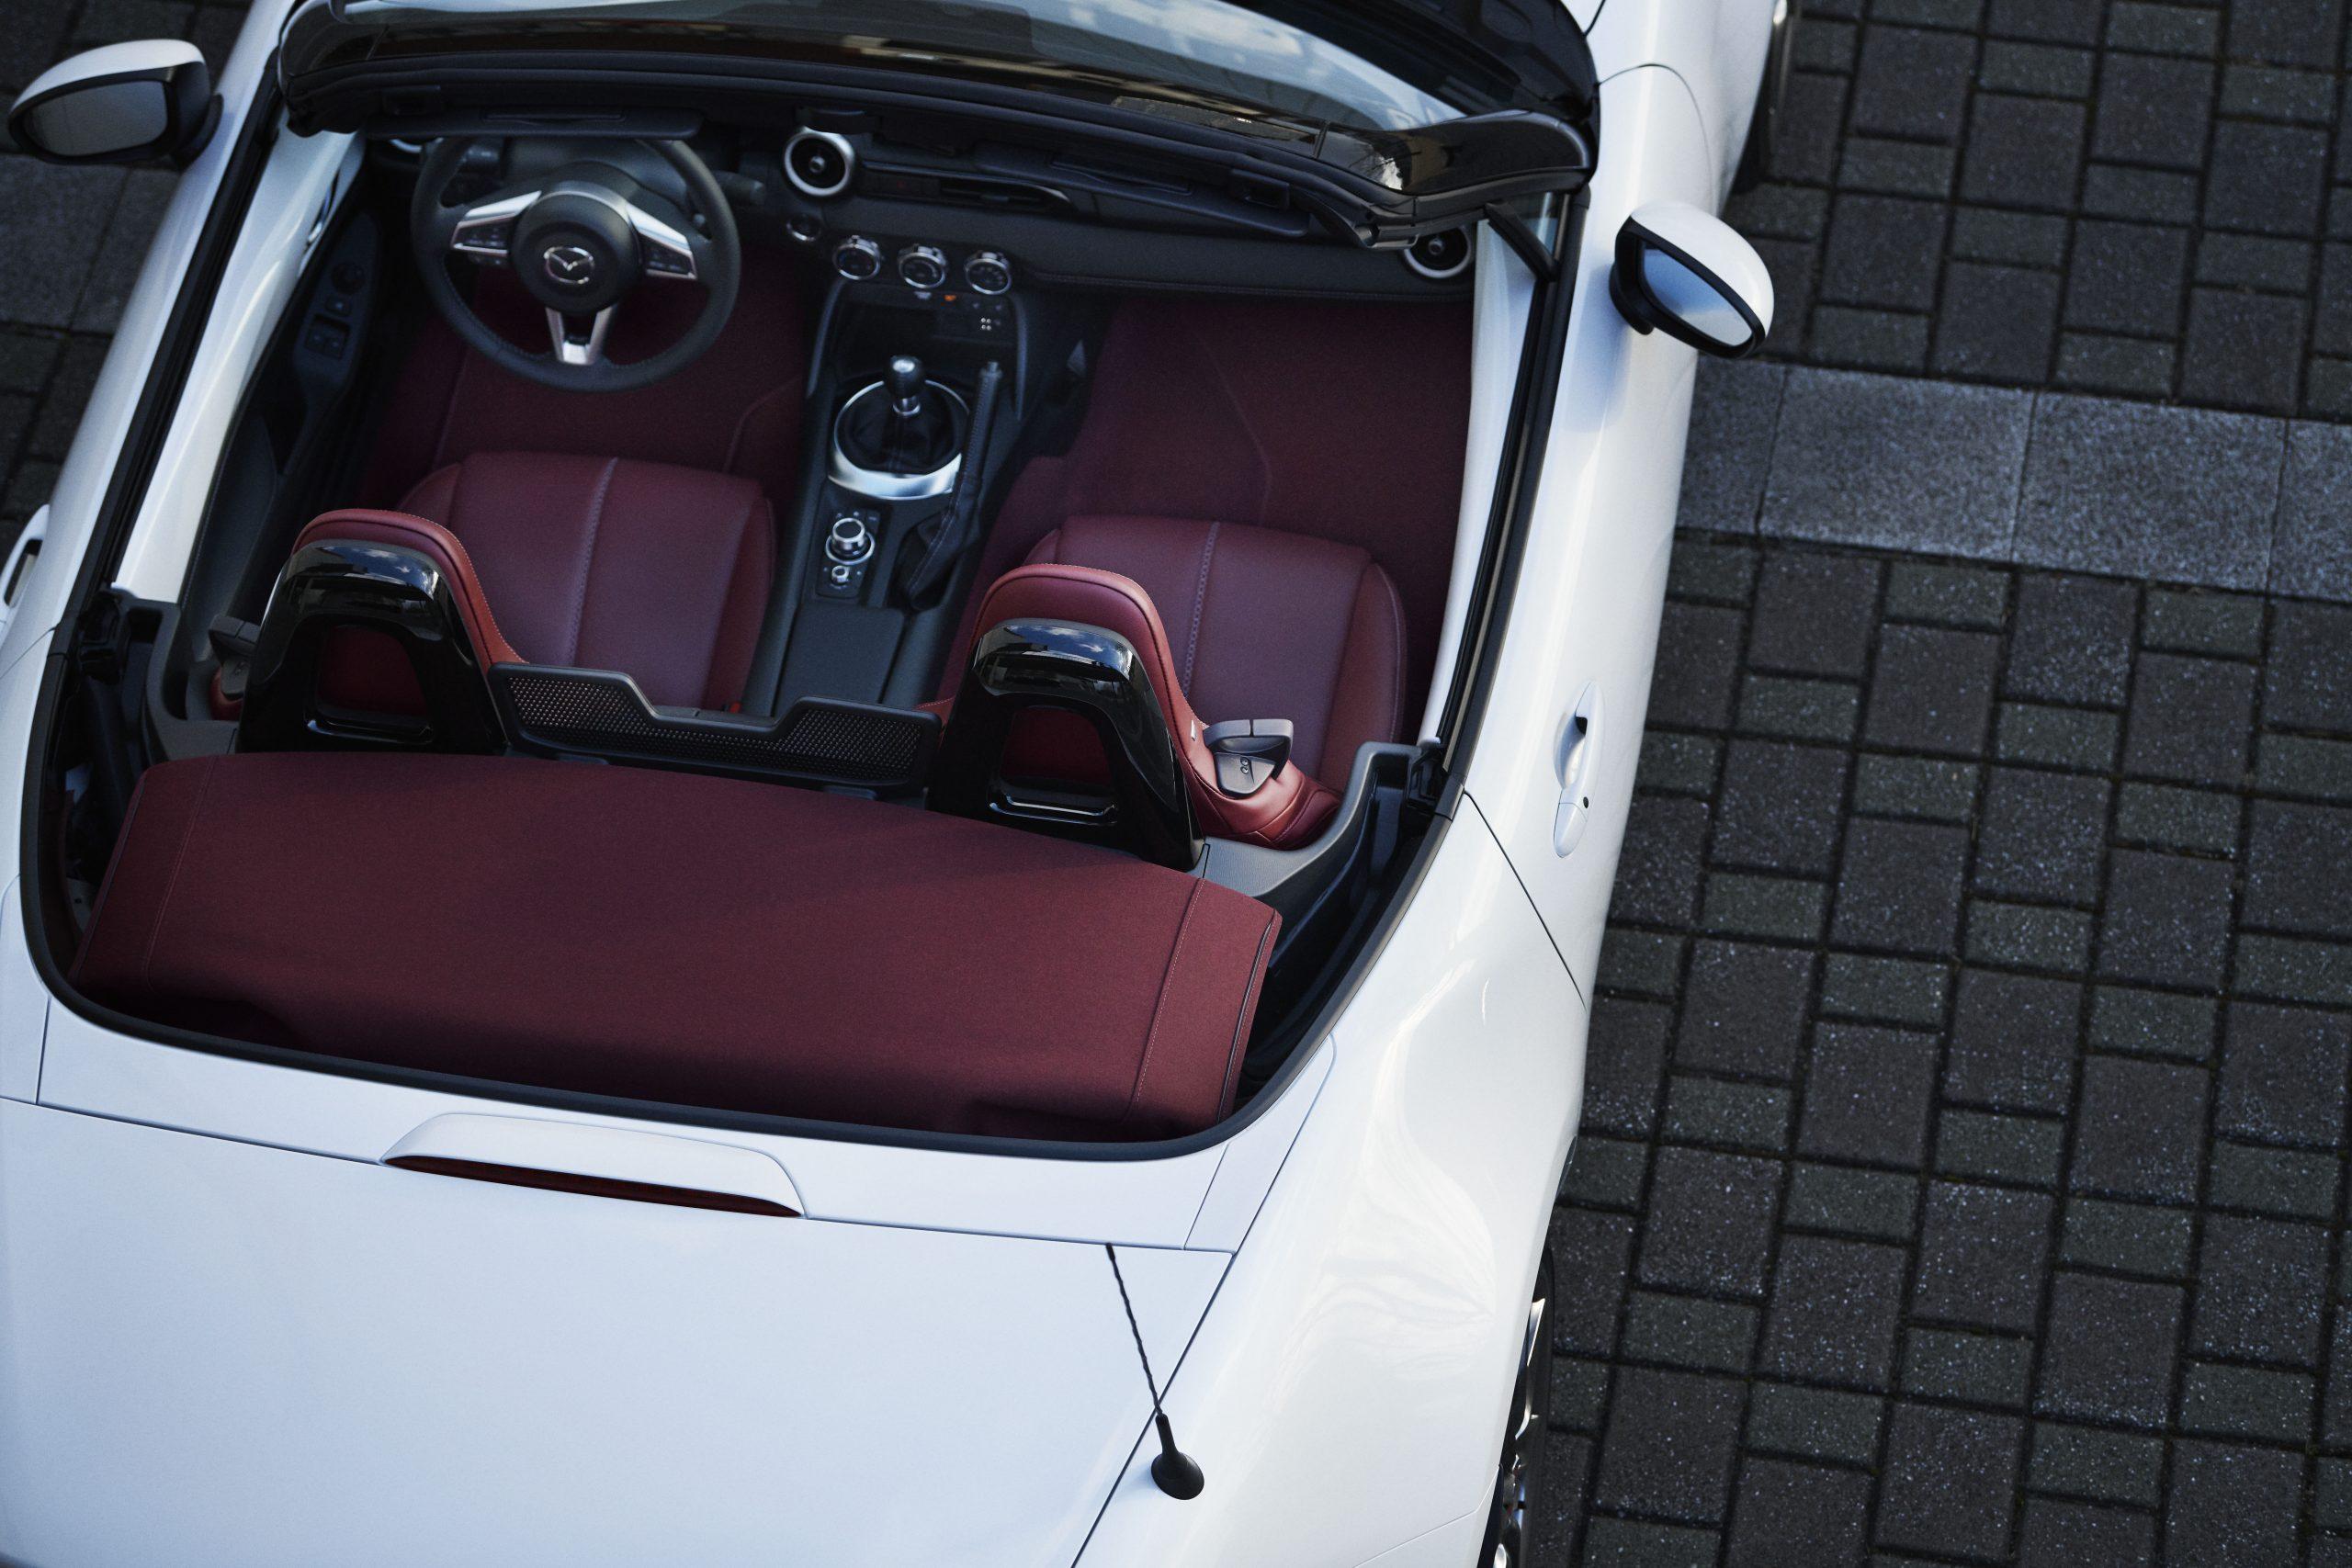 Mazda's 100th Anniversary MX-5 interior